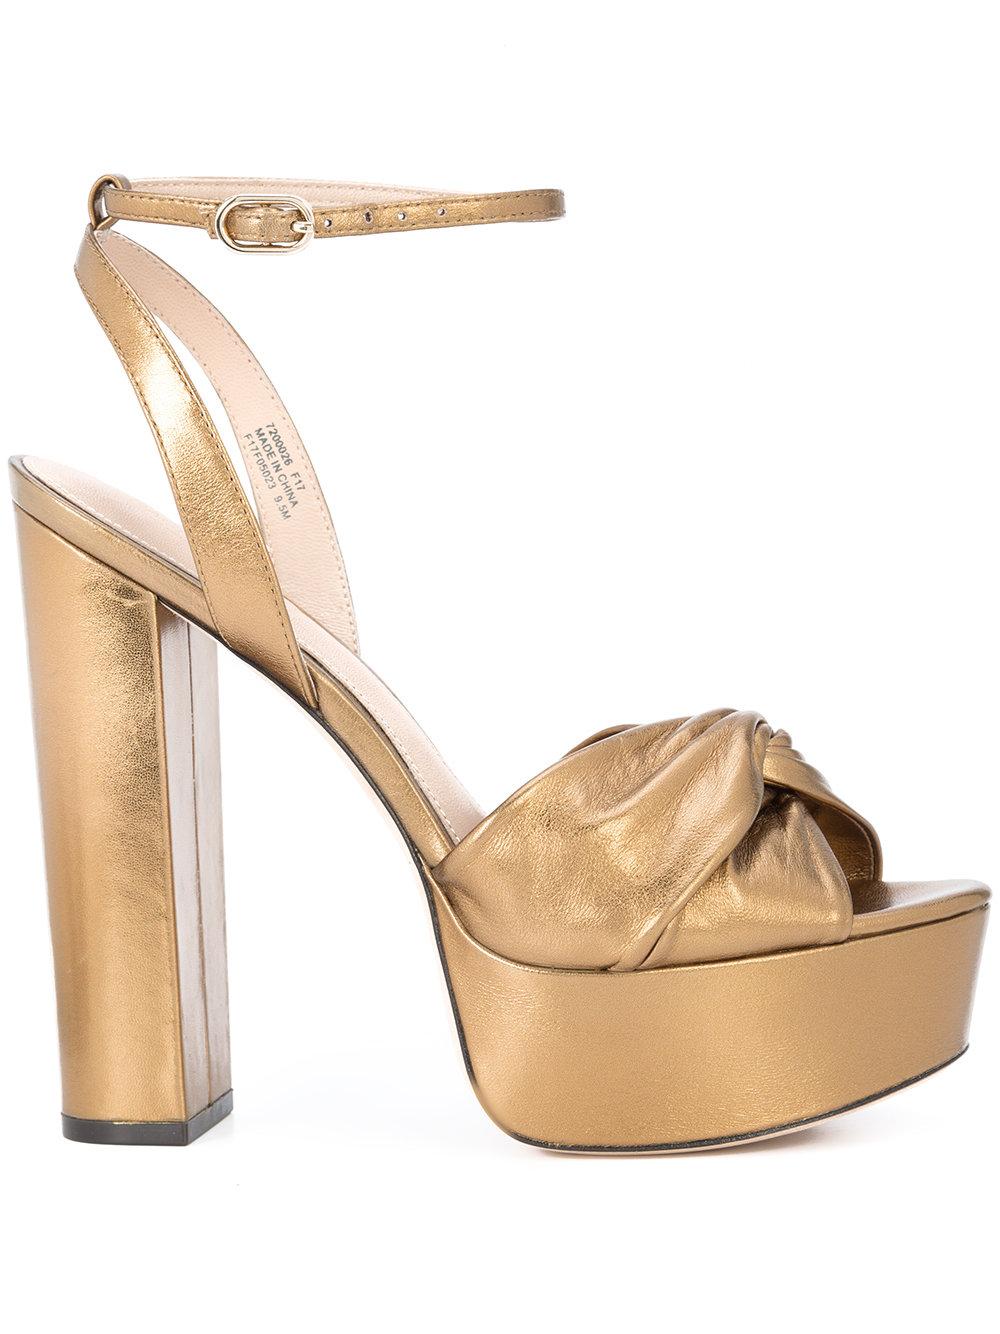 RACHEL ZOE sandals - $360